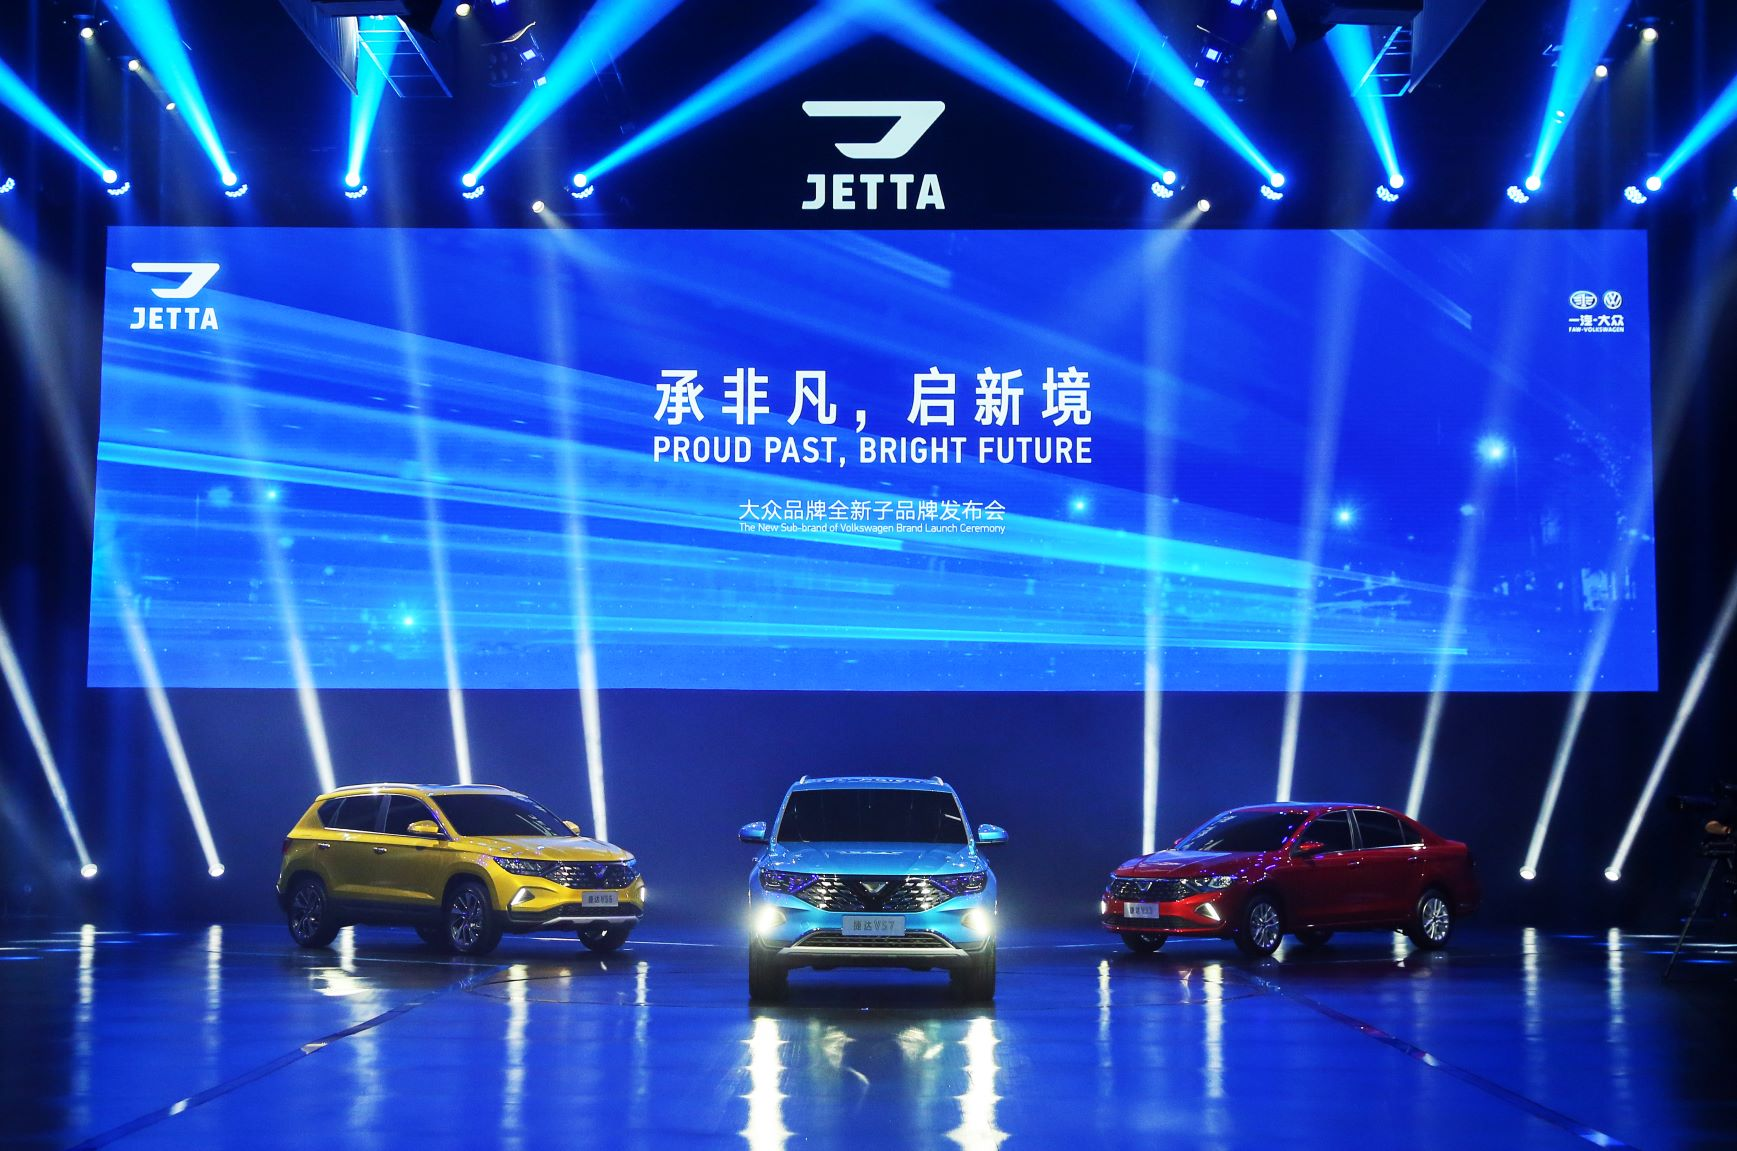 捷达:2000万的功勋车型,后2000万时代的品牌典范